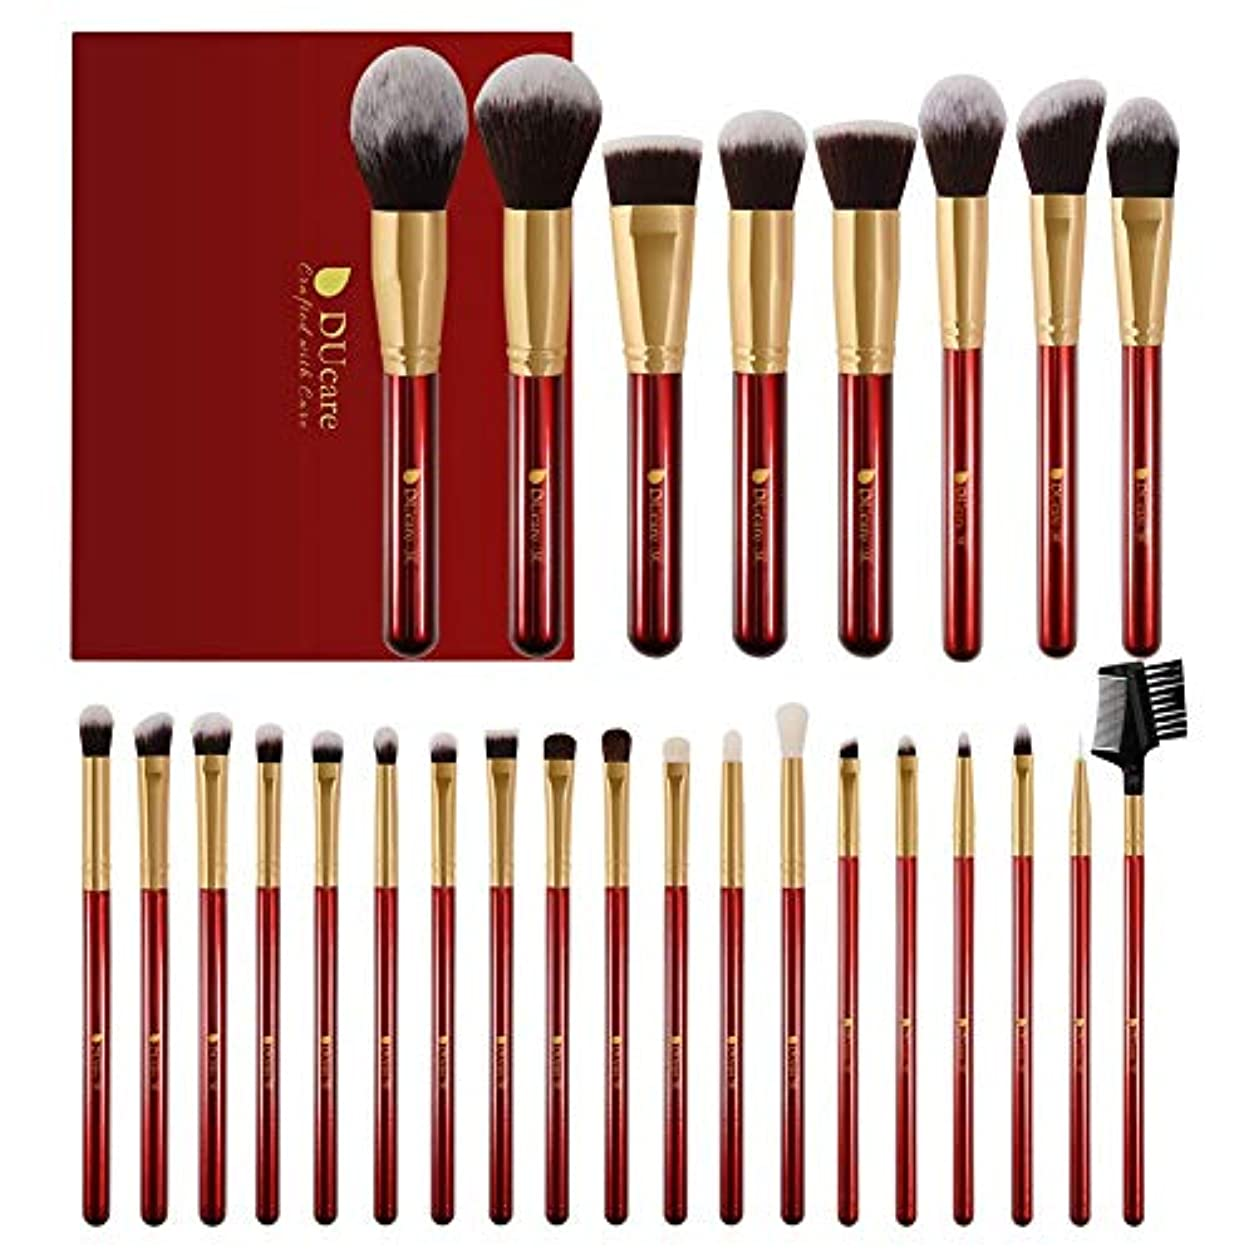 ノミネート煩わしい実験的DUcare ドゥケア メイクブラシ 27本セット 化粧筆 フェイスブラシ PBT毛&天然毛 (赤) 同シリーズでブラックあり